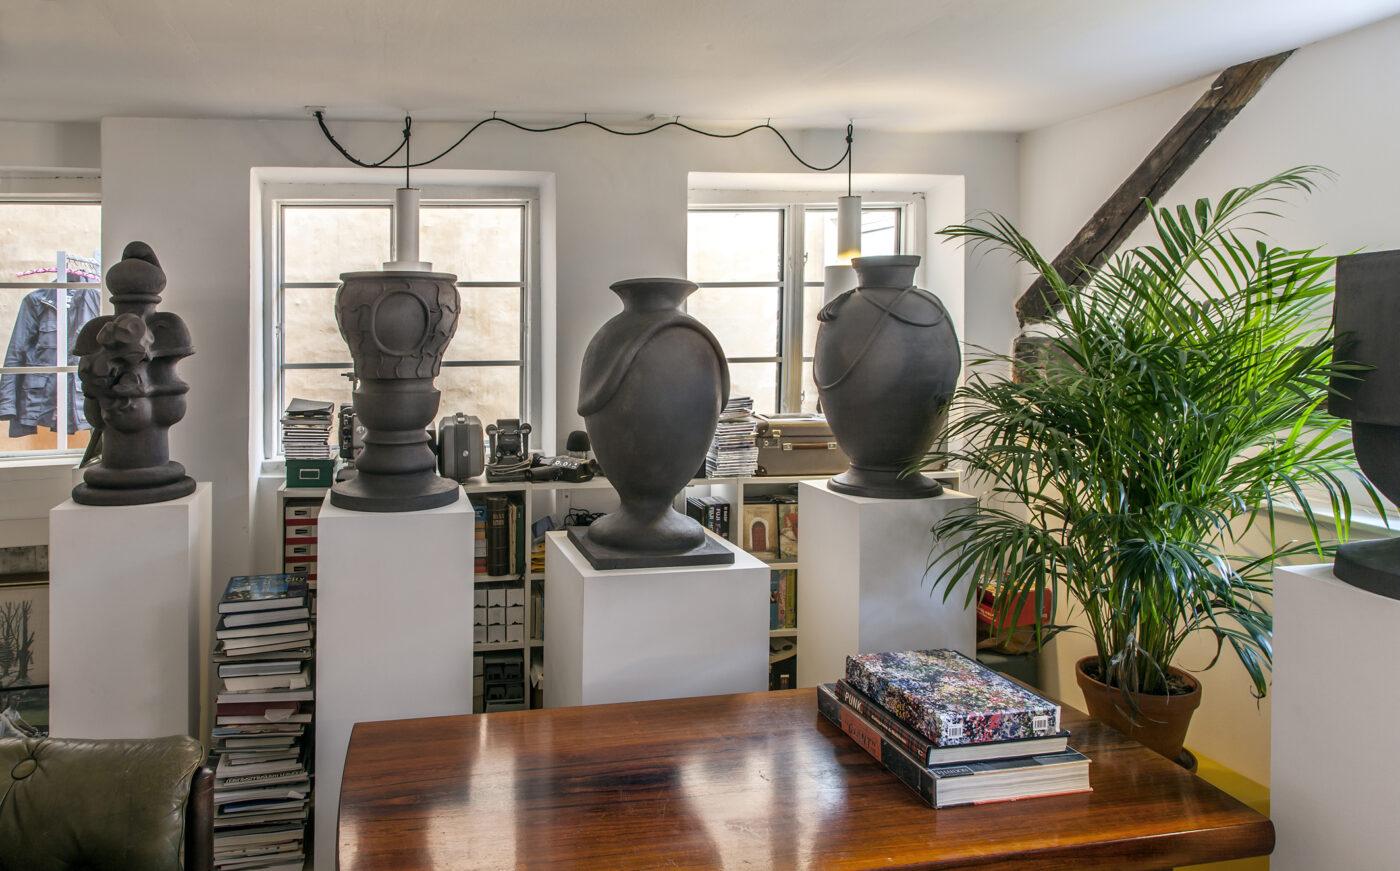 Keramiker Marianne Nielsen - Hjem, 2015, foto: Ole Akhøj